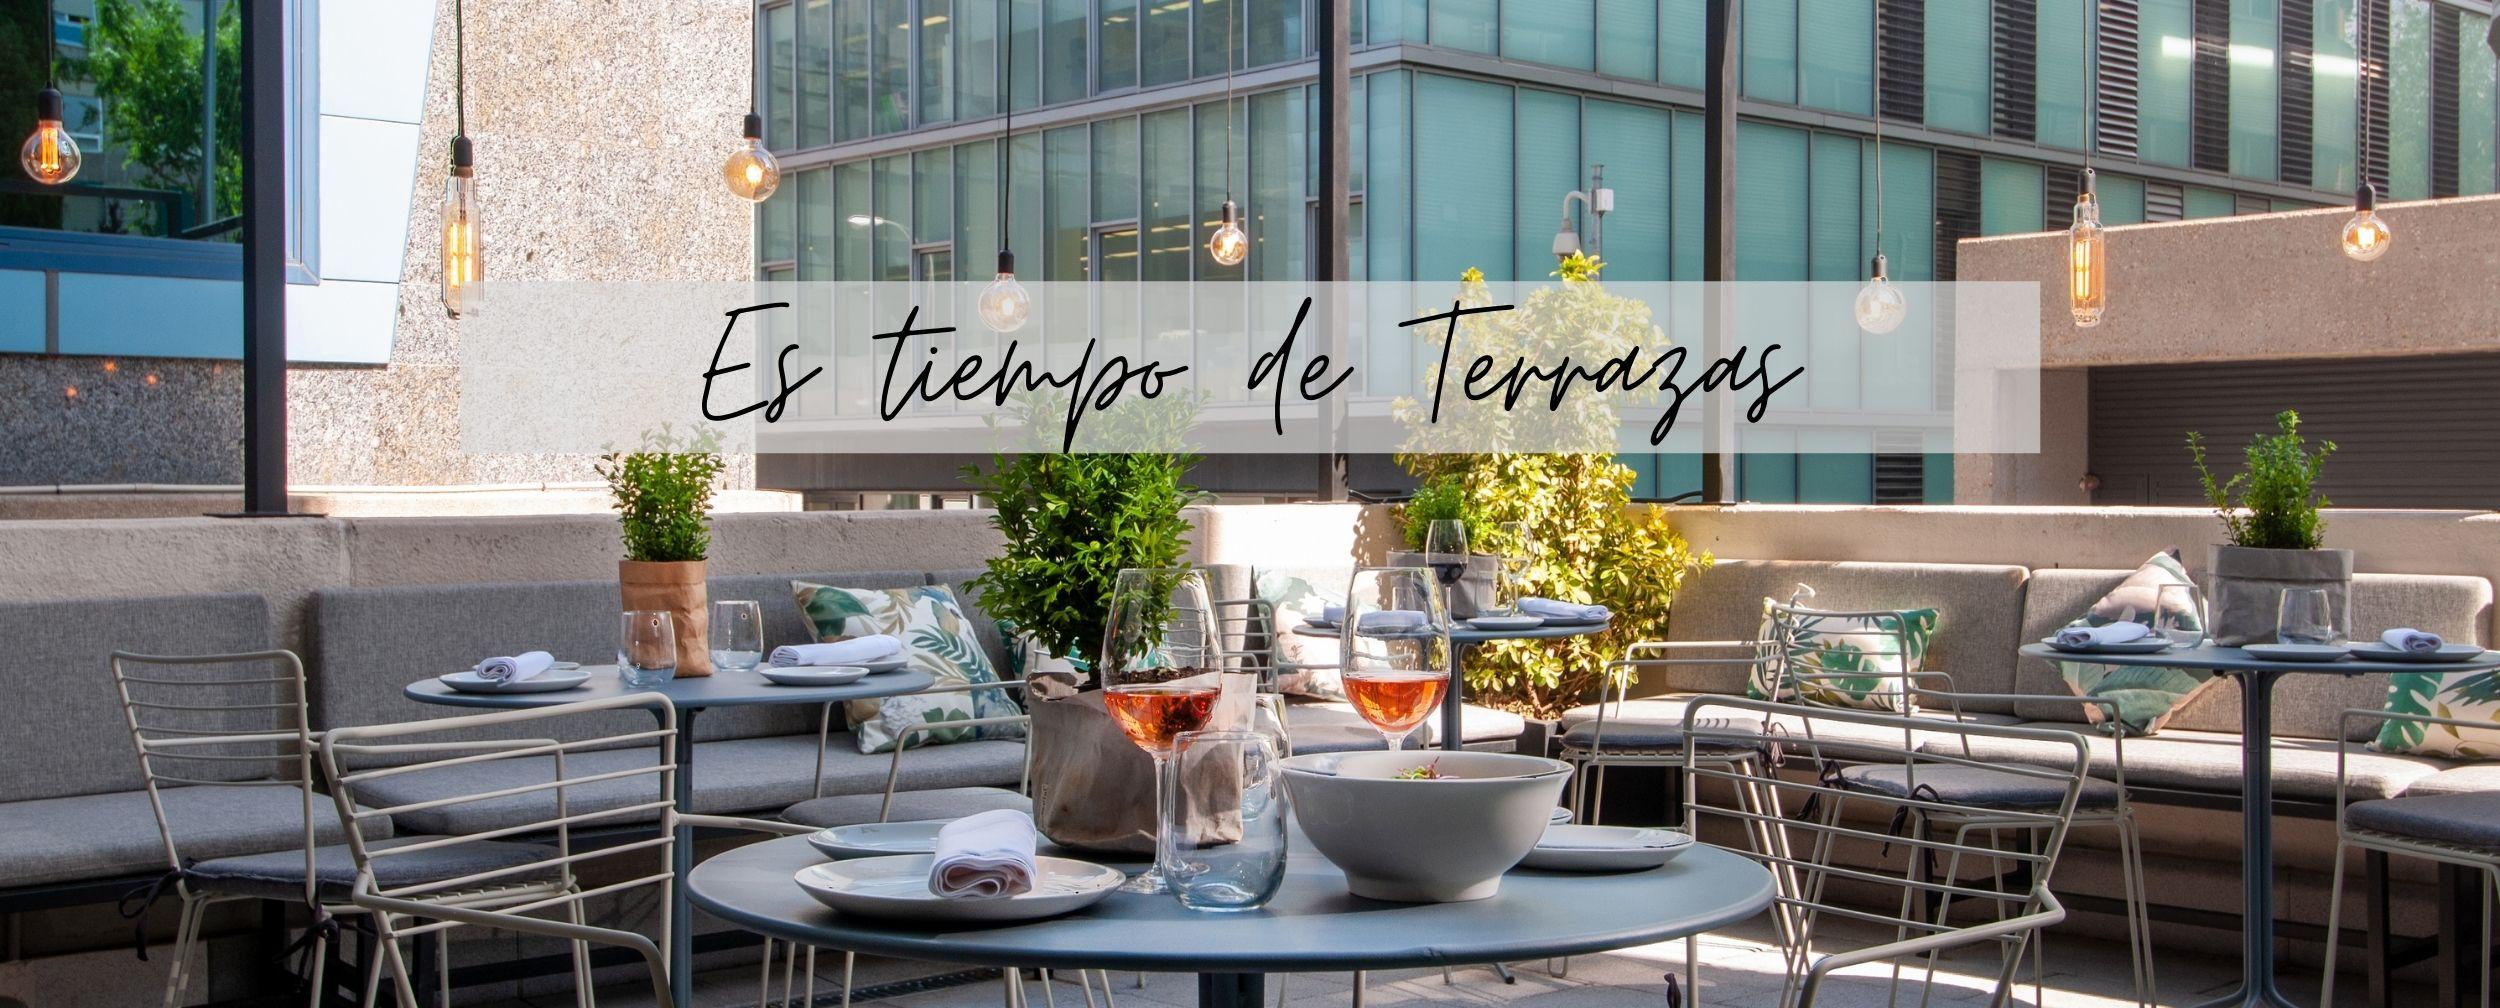 popa-es-tiempo-de-terrazas-desktop